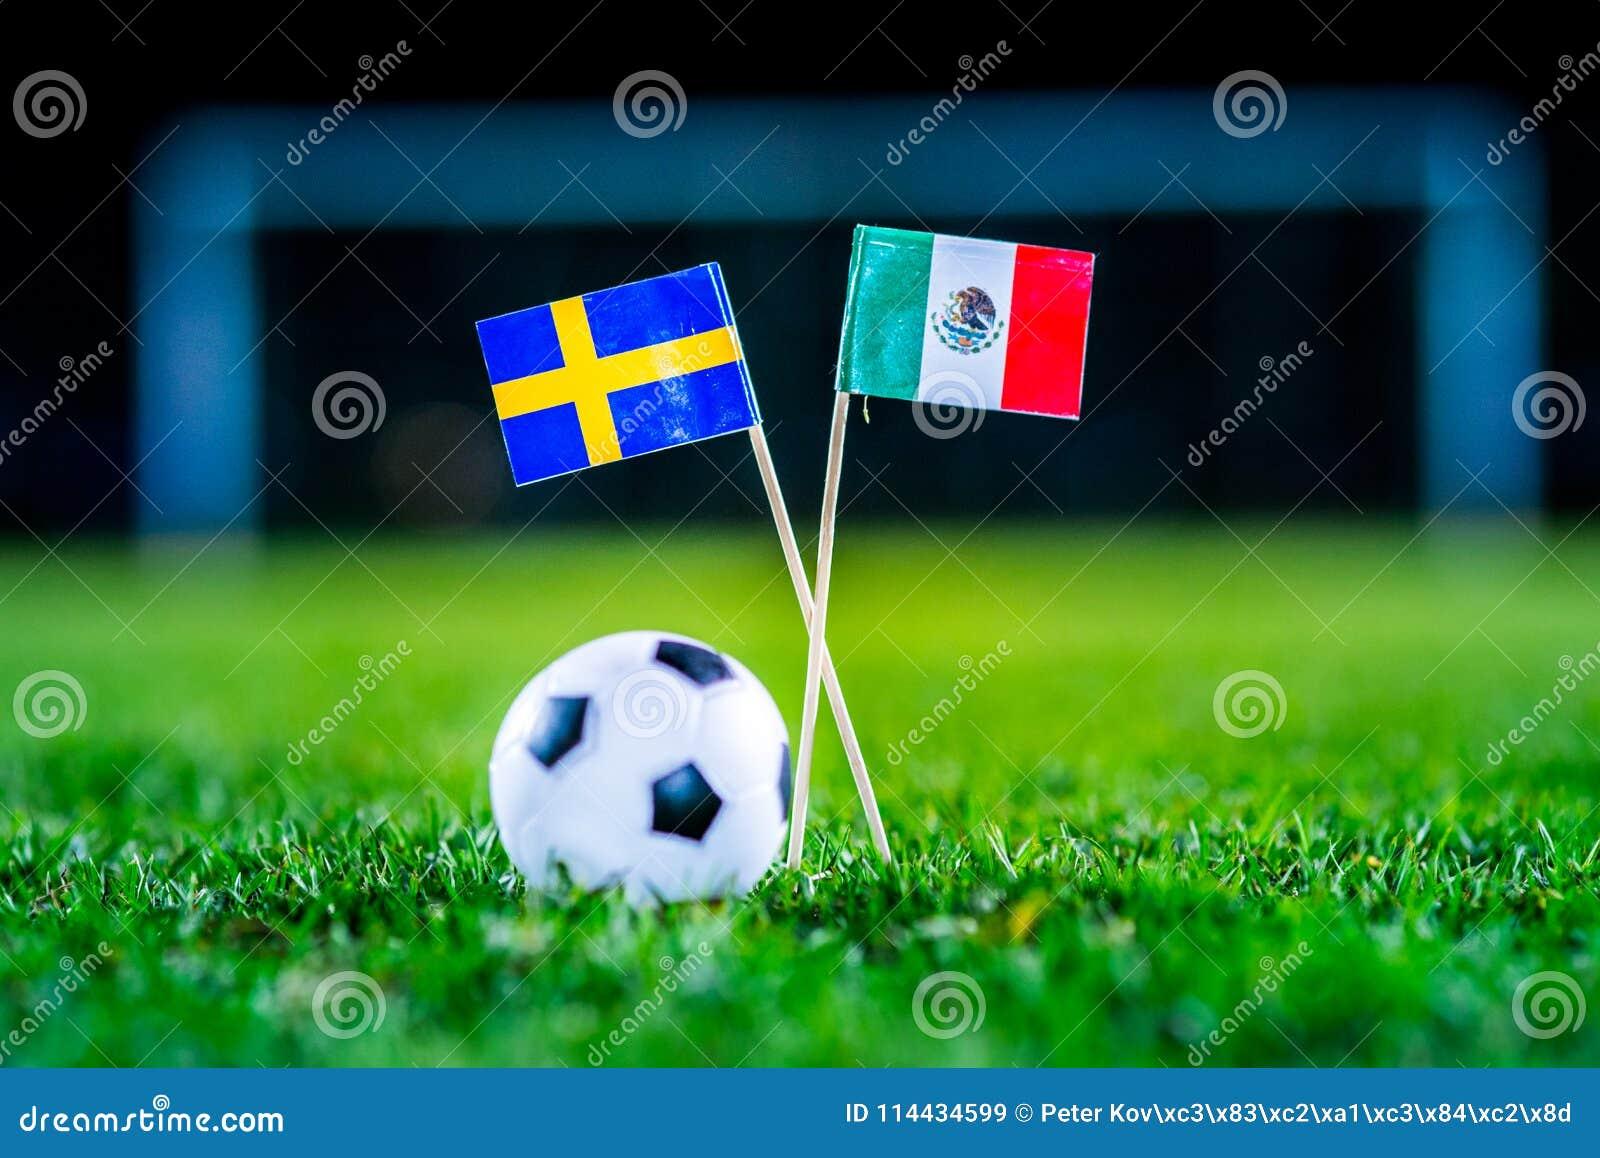 Mexico - Sverige, grupp F, onsdag, 27 Juni fotboll, världscup, Ryssland 2018, nationsflaggor på grönt gräs, vit fotbollbal